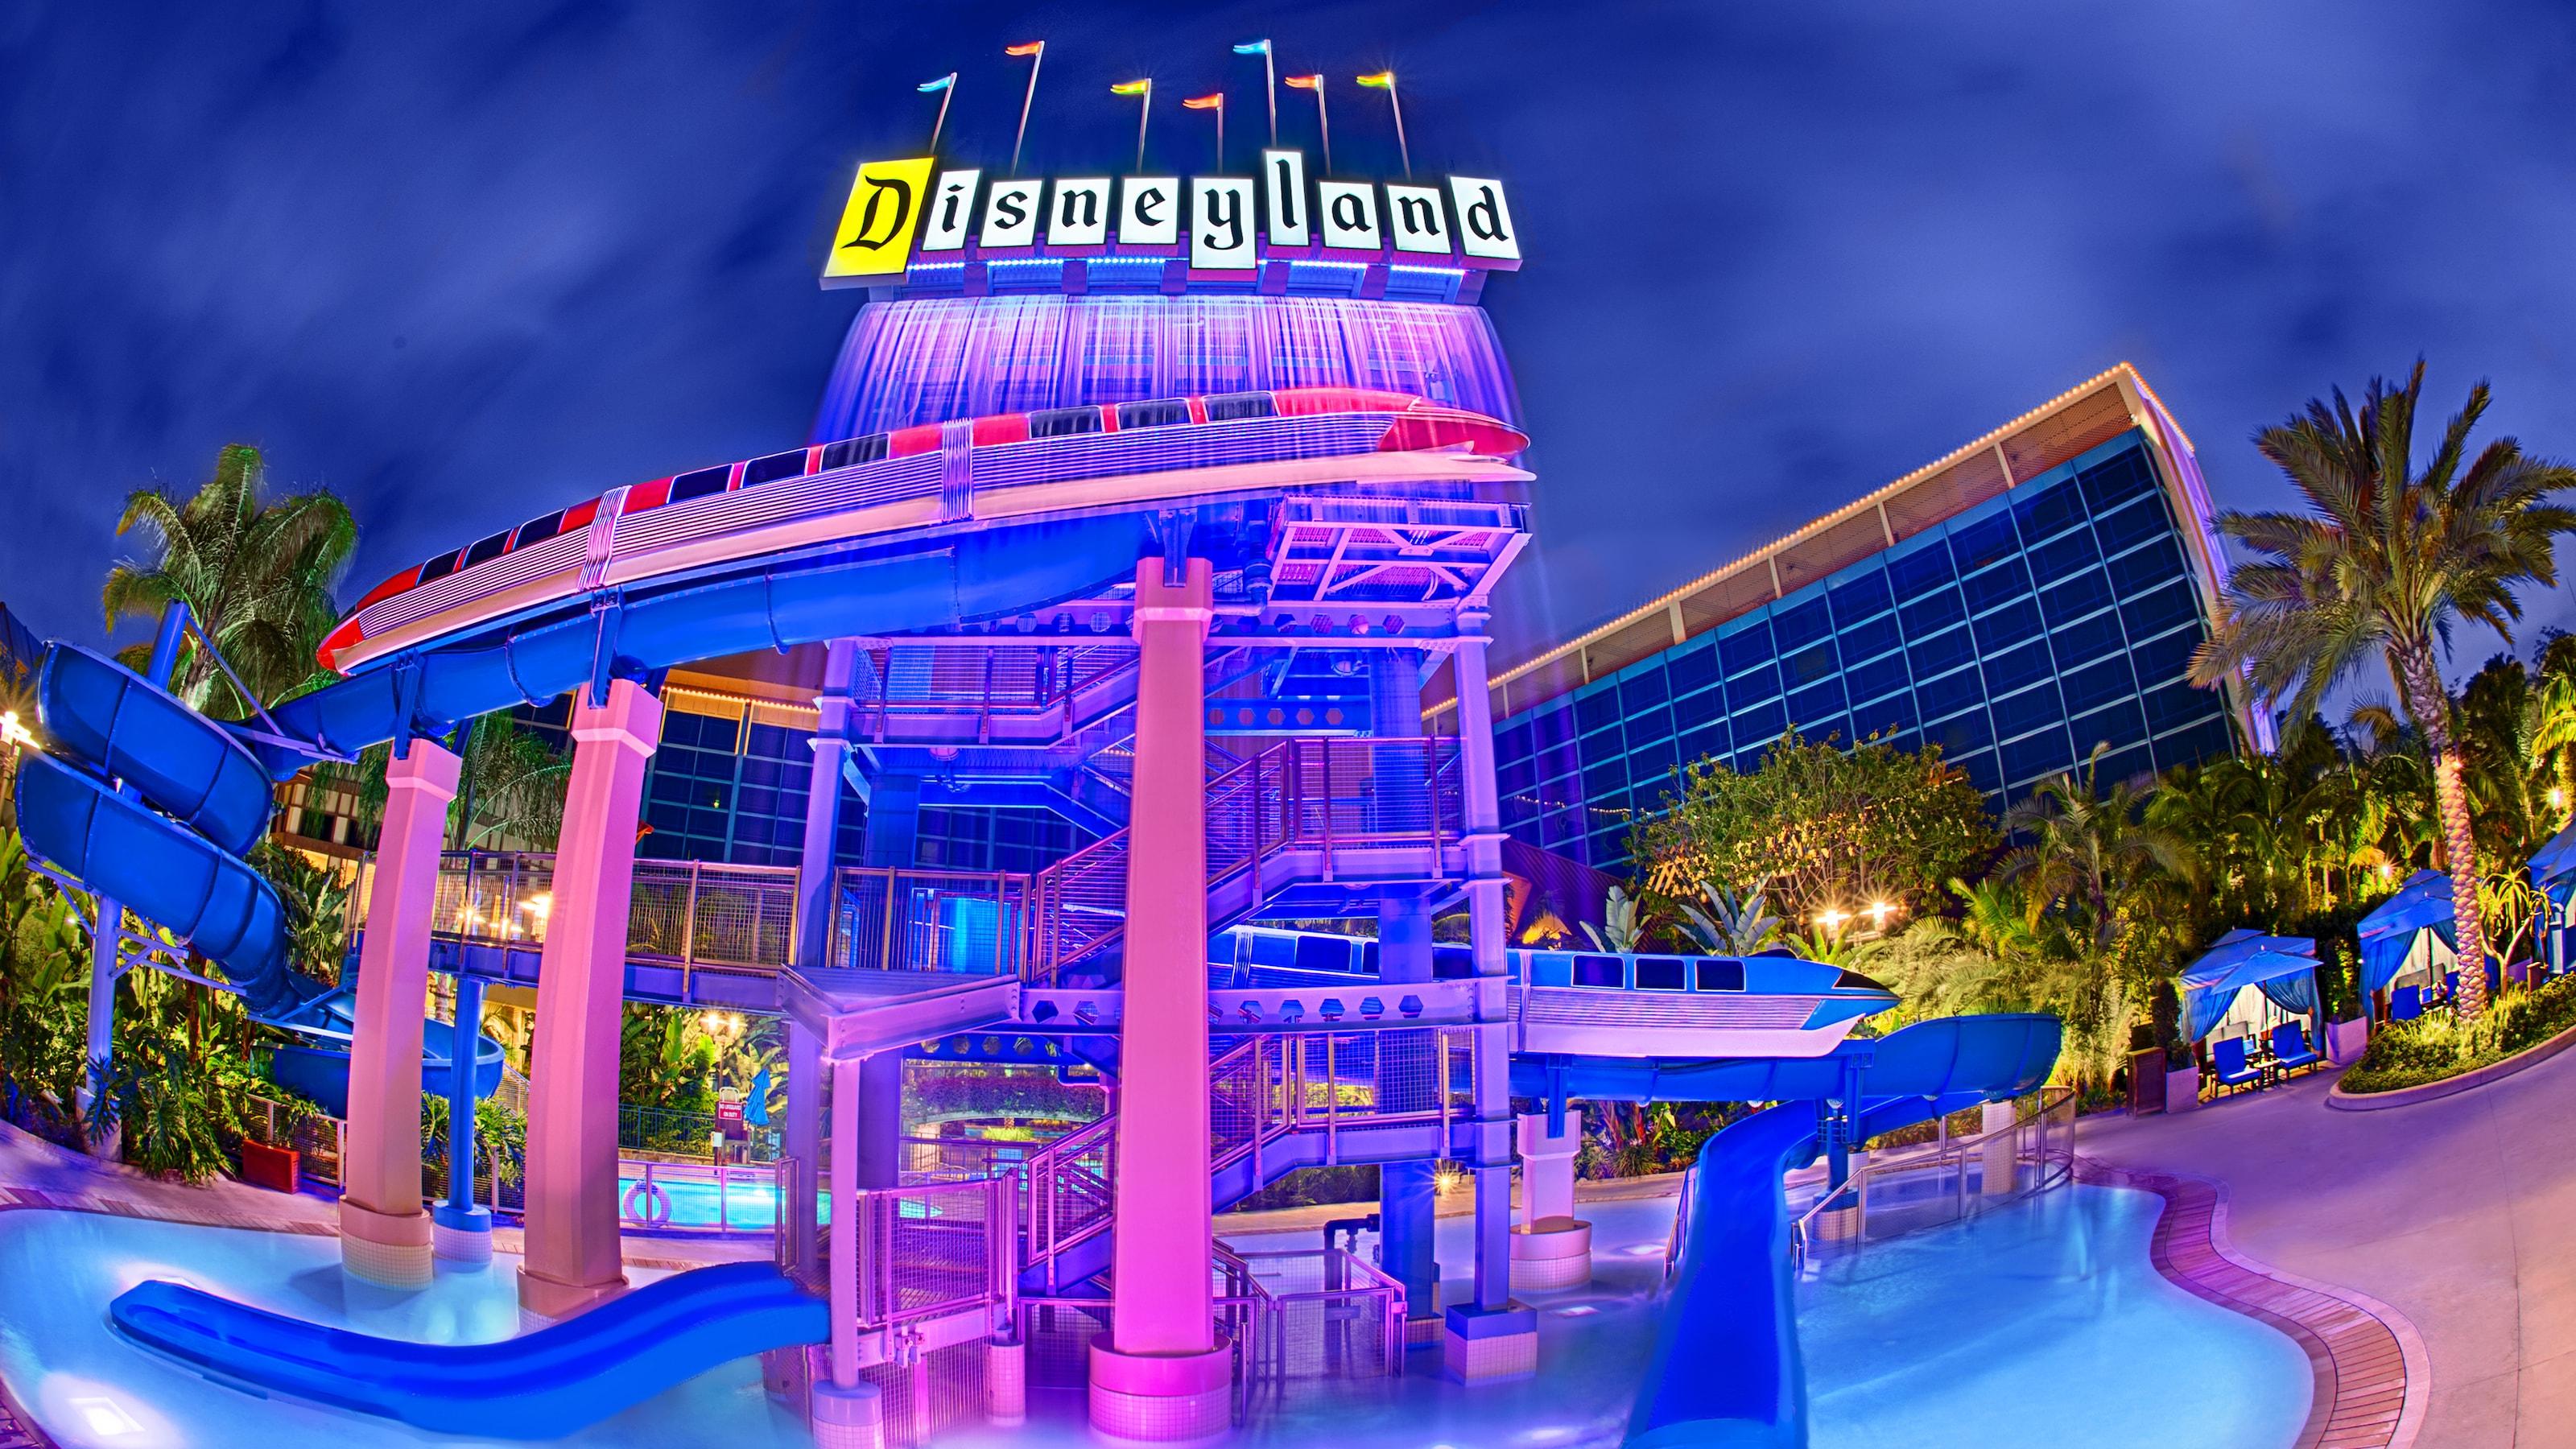 ディズニーランド・ホテル インフォメーション | ディズニーランド・リゾート